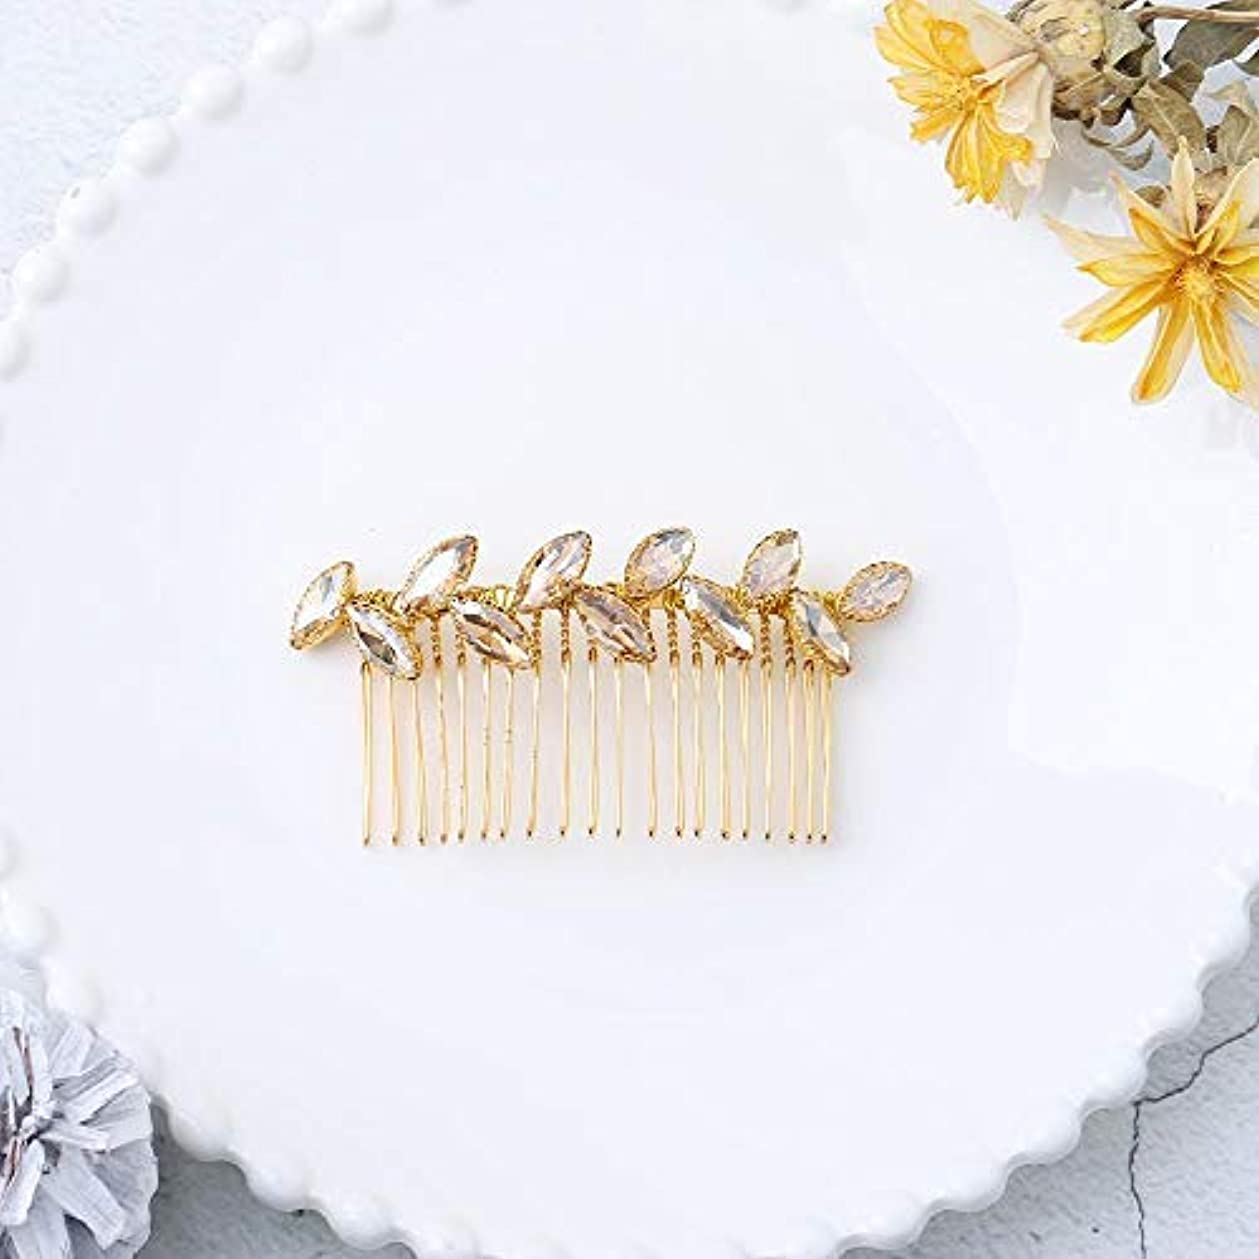 抽出ポーク抽出Jovono Bride Wedding Hair Comb Bridal Headpieces with Champagne Rhinestone for Women and Girls (Gold) [並行輸入品]